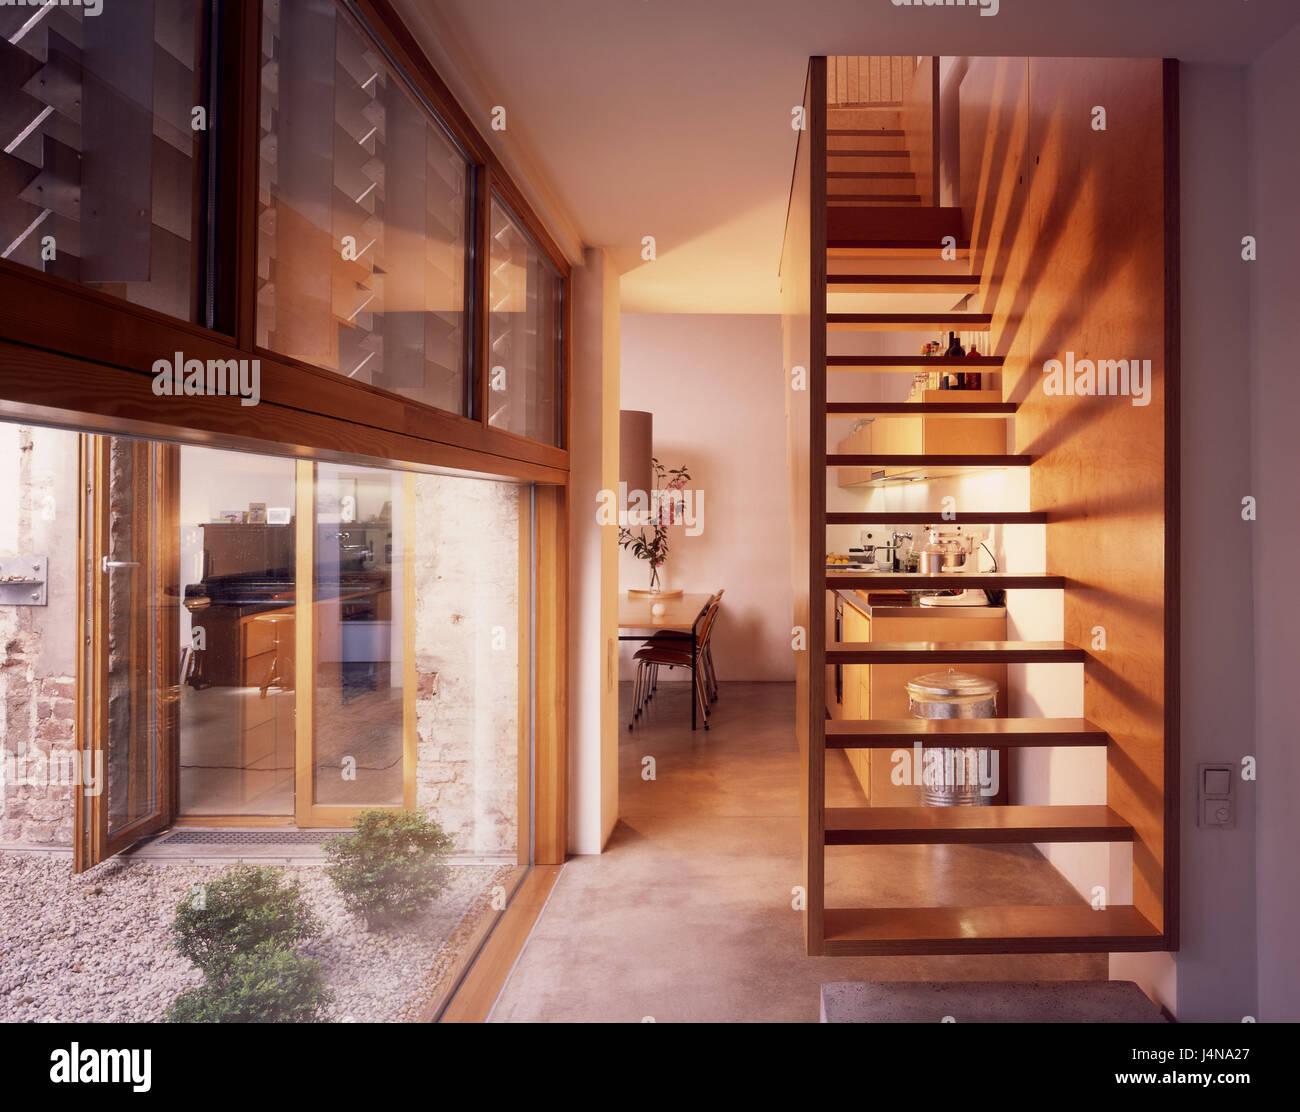 Fenster Essen innen gedreht küche offen lebenden viertel fenster treppen